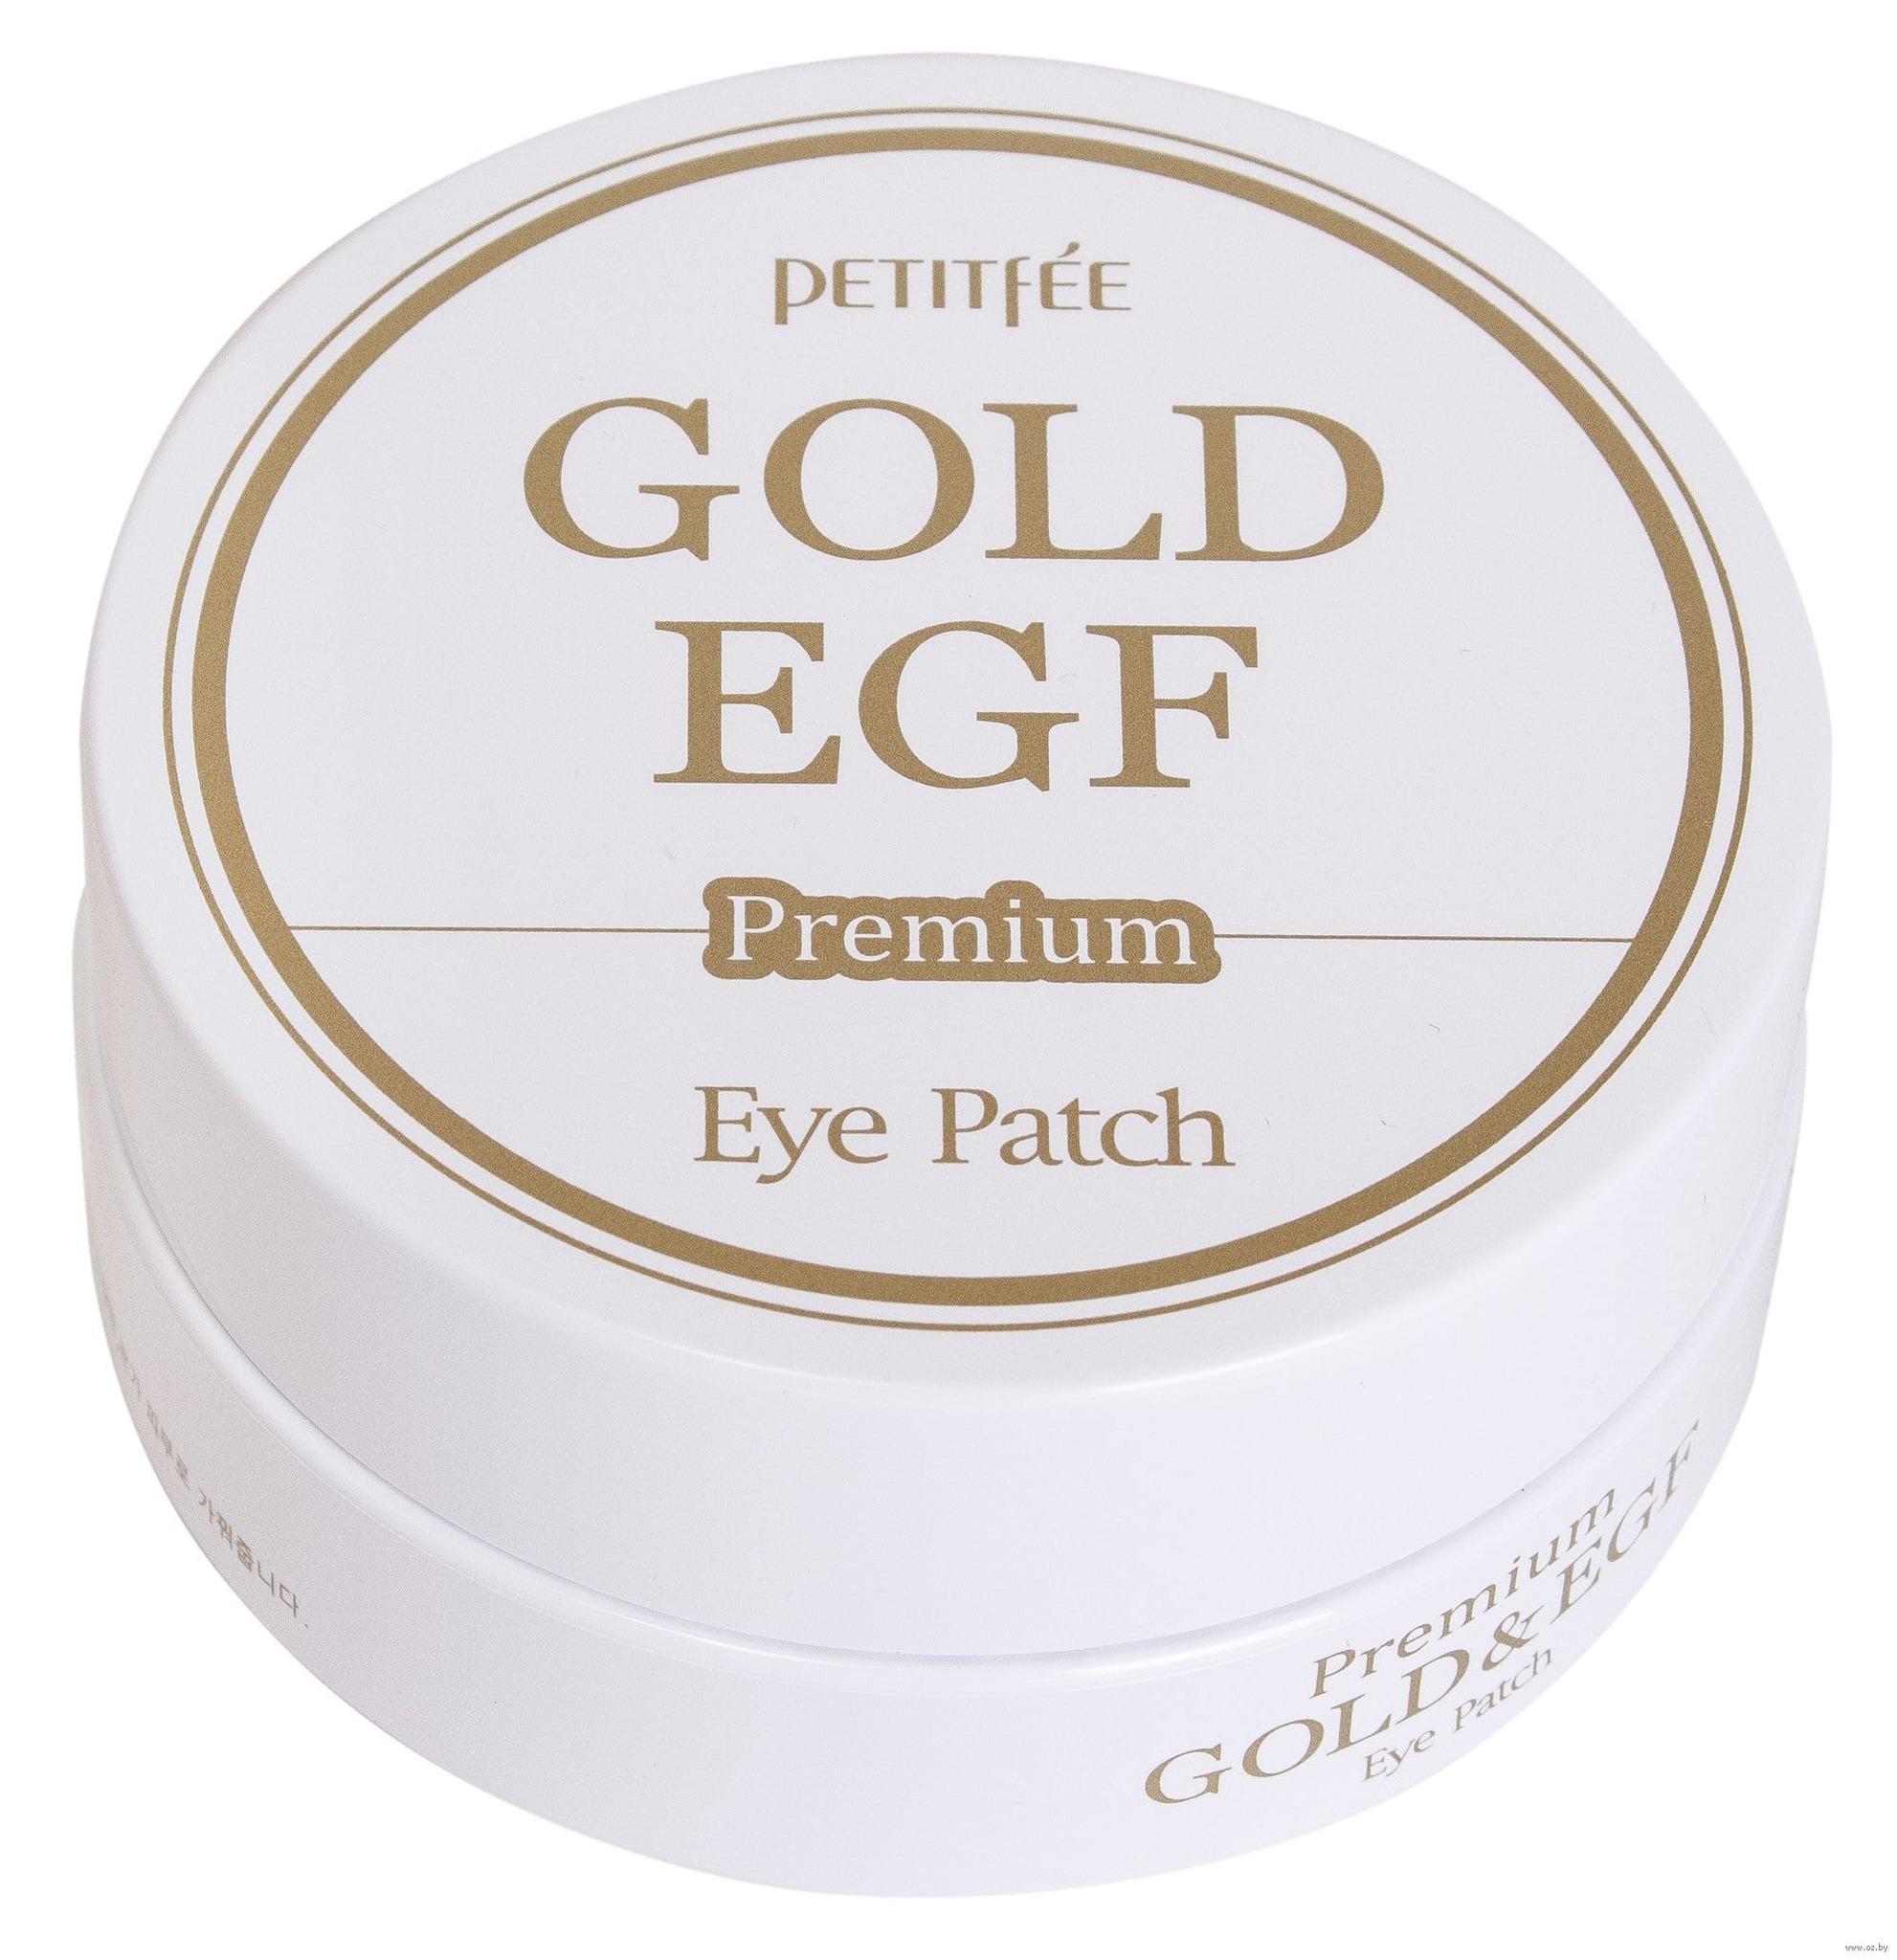 Гидрогелевые патчи для век с частицами золота - Petitfee Premium Gold & EGF Eye Patch